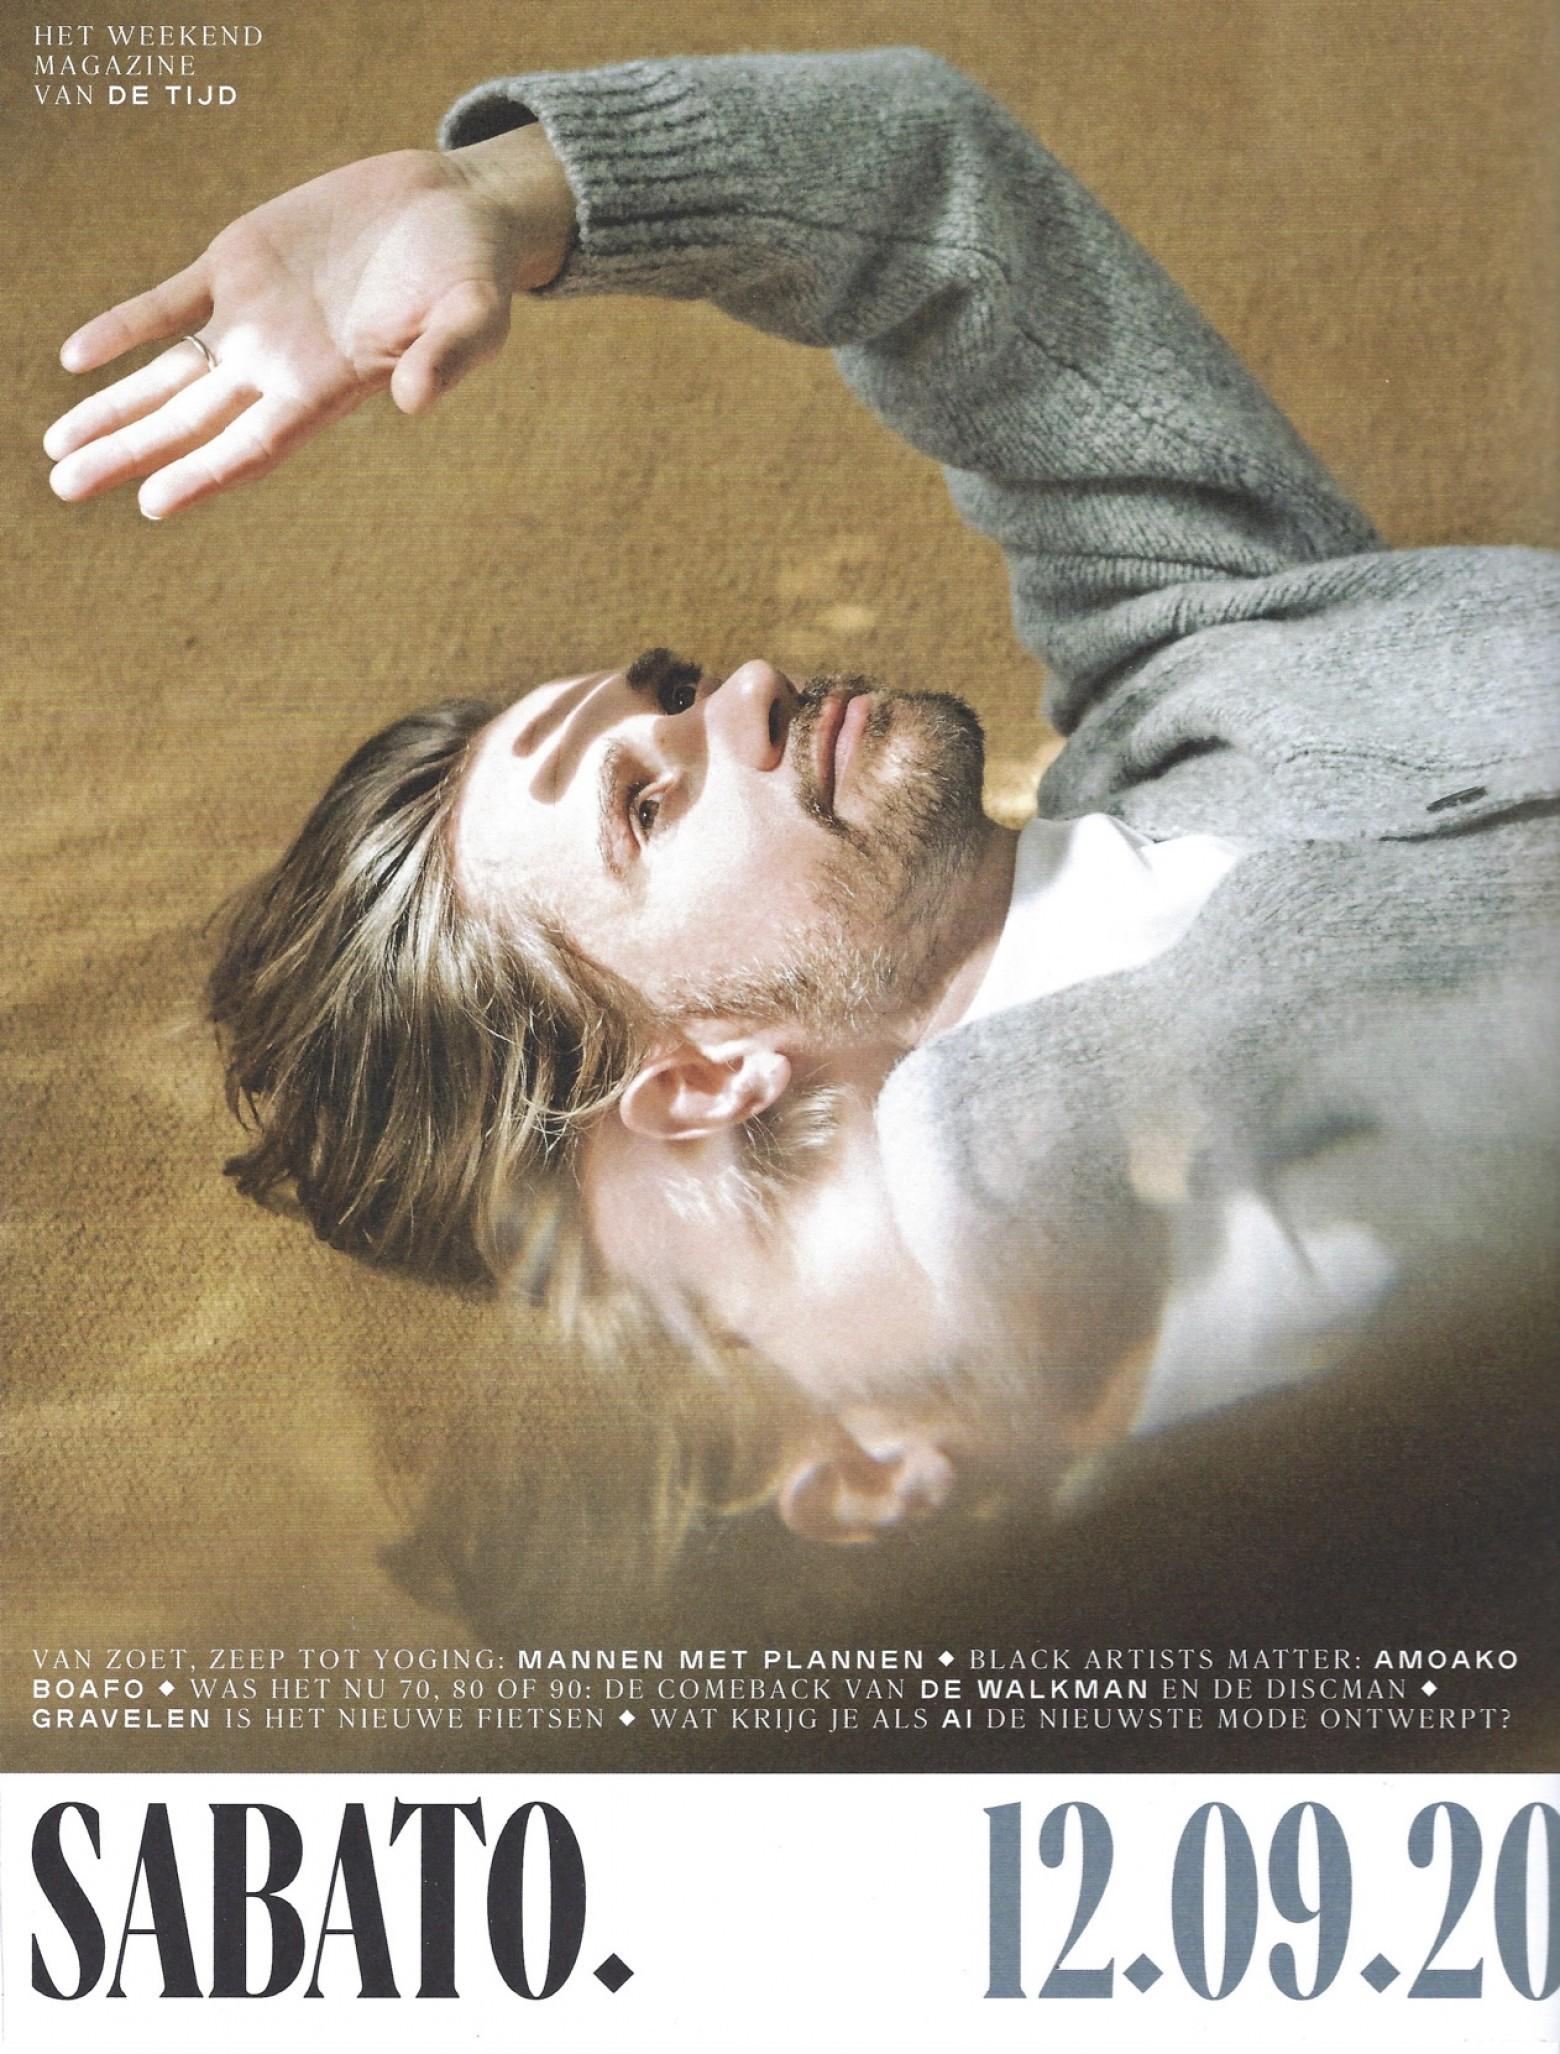 Sabato 12.09.20 cover  Victors Design Agency